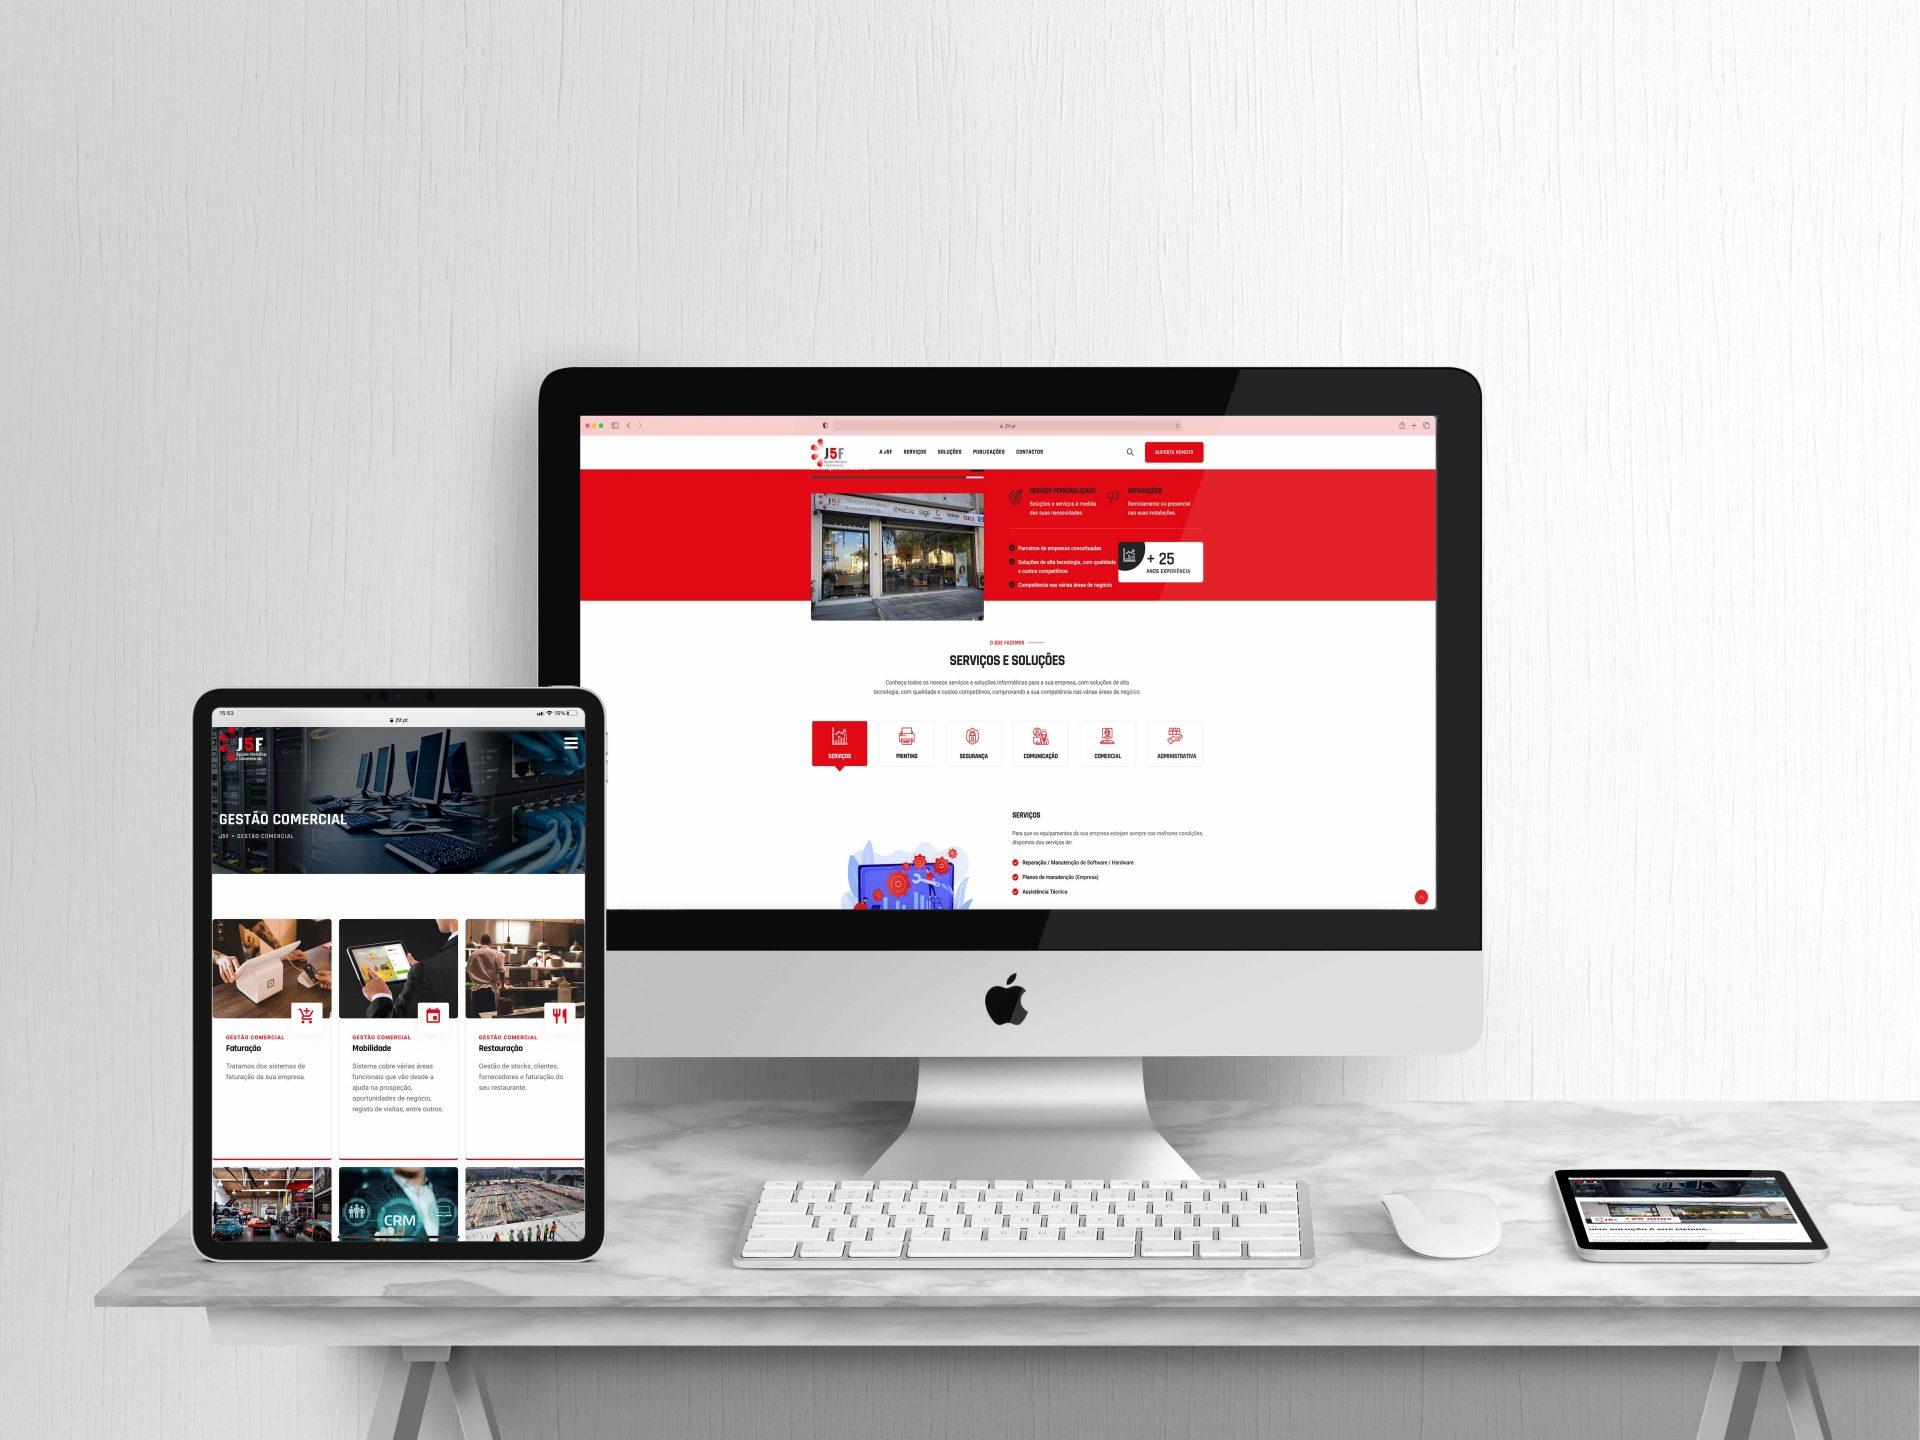 Webdesign-website-j5f